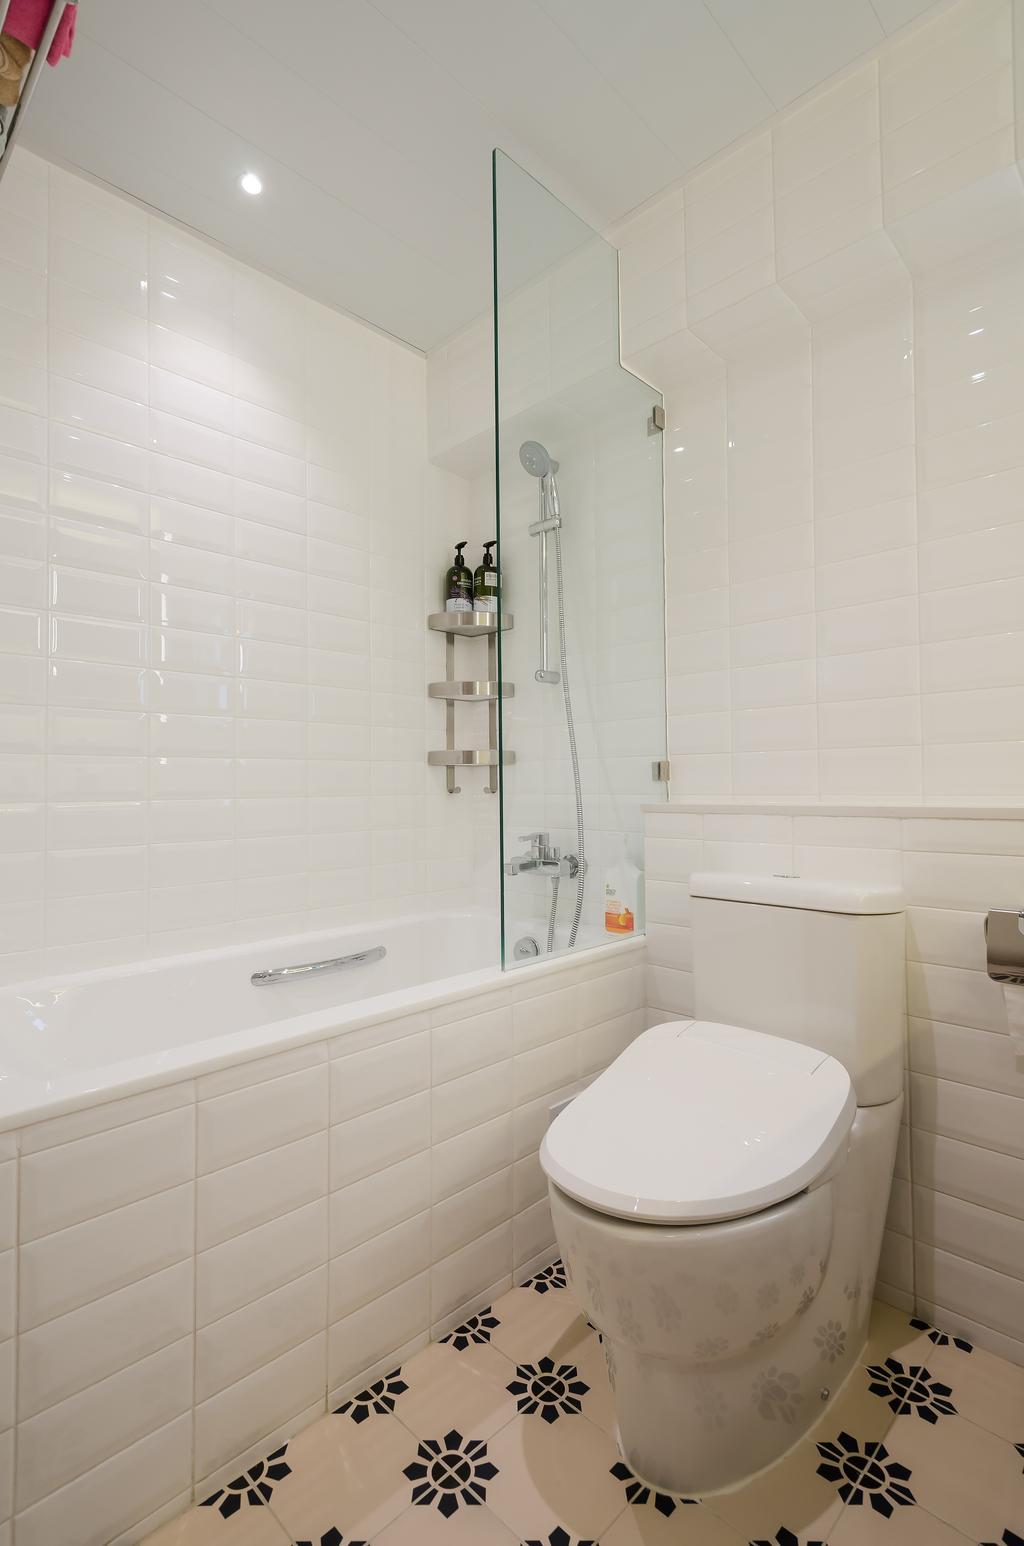 簡約, 私家樓, 浴室, 海棠閣, 室內設計師, 現時設計, 摩登, 北歐